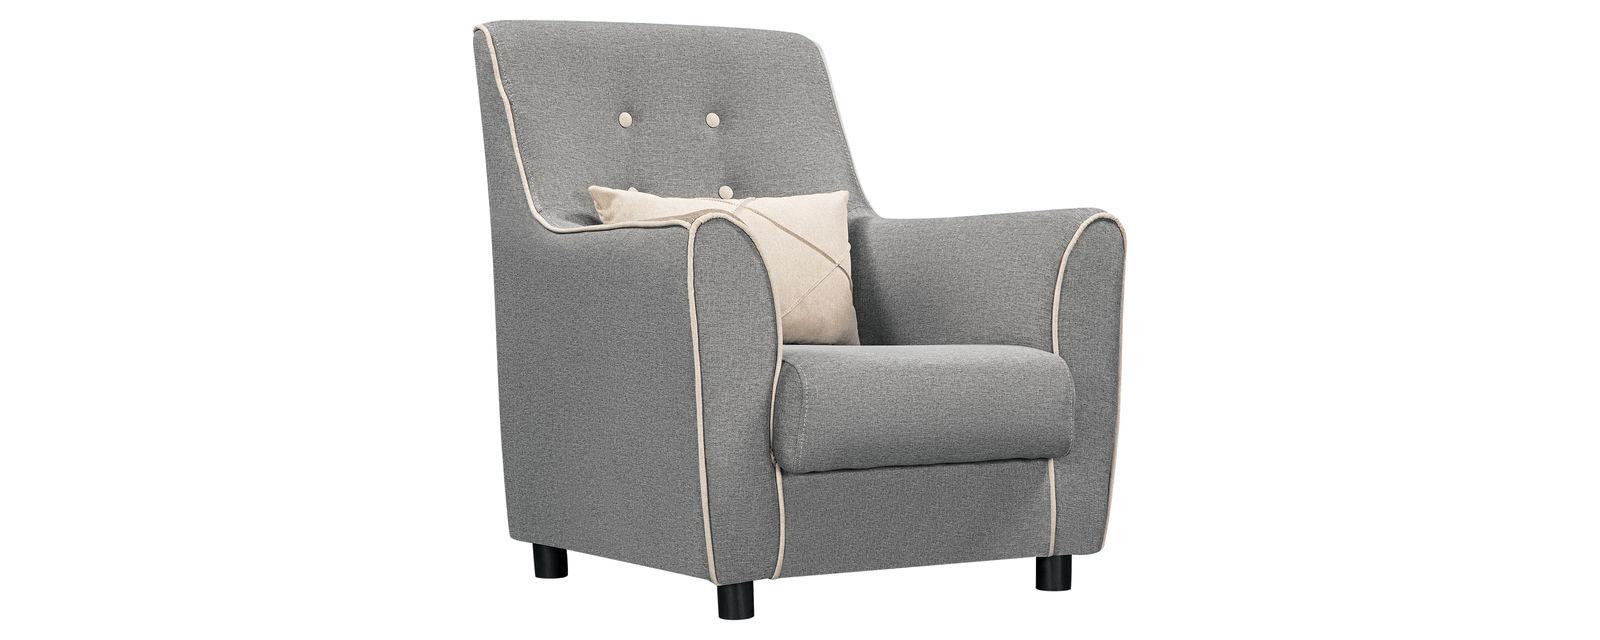 Кресло тканевое Флэтфорд Falcone серый (Рогожка)